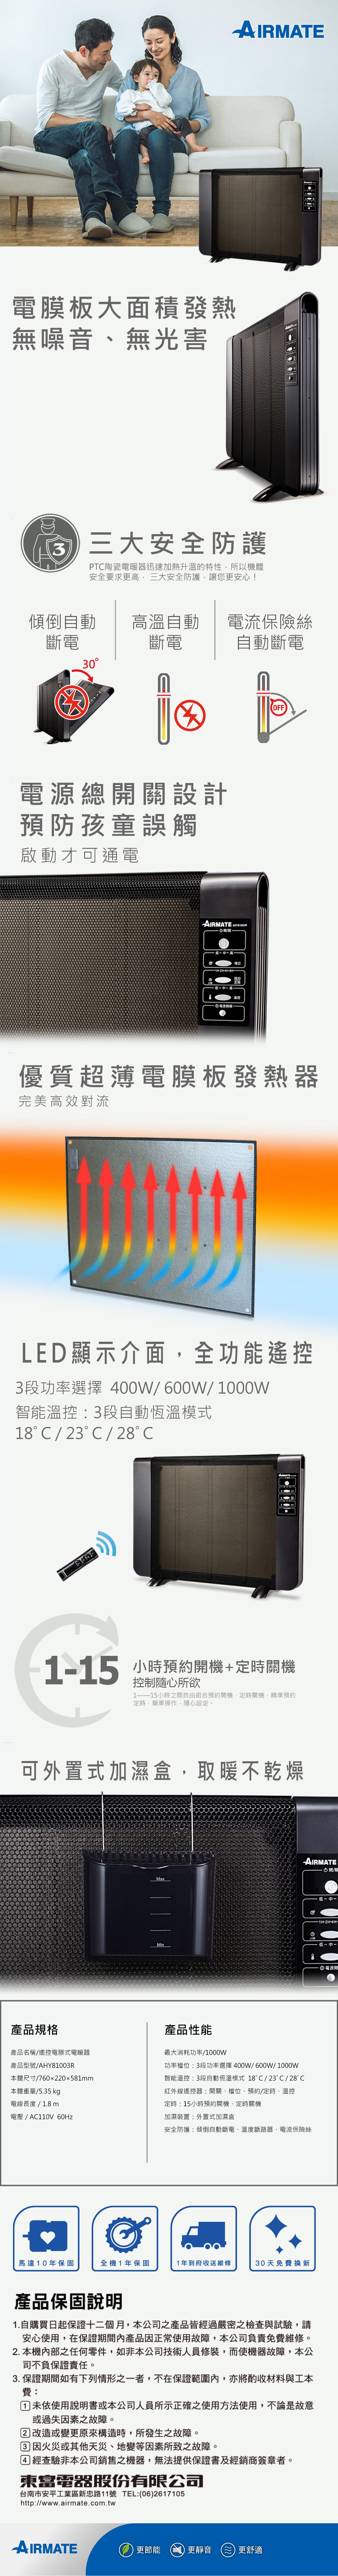 【小如的店】COSTCO好市多線上代購~Airmate 艾美特 電膜式電暖器 AHY81003R